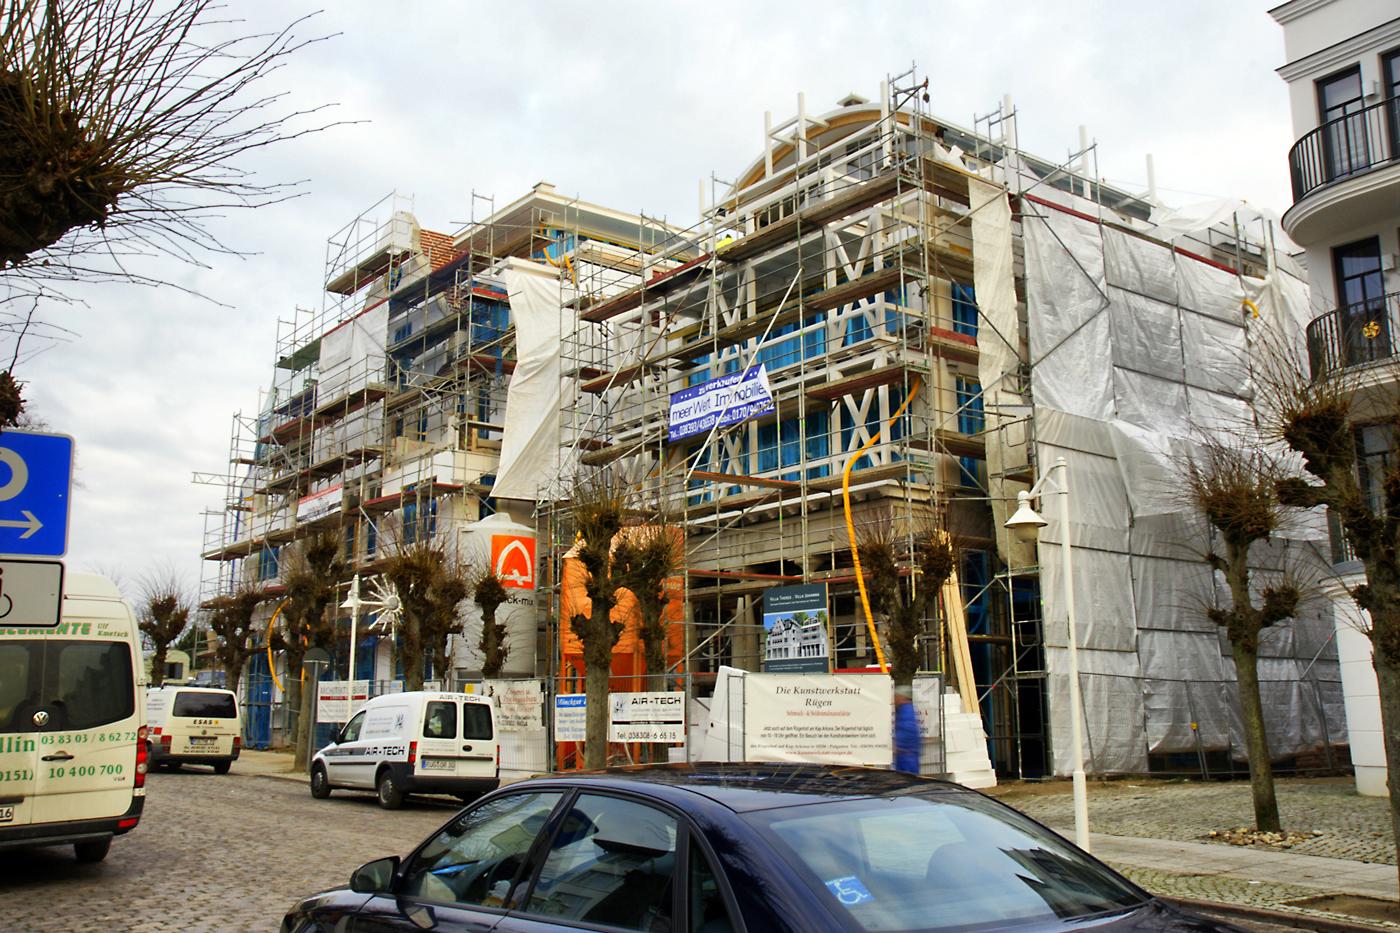 Haus eintracht blog blog archiv baugeschehen im for Apartments haus eintracht sellin